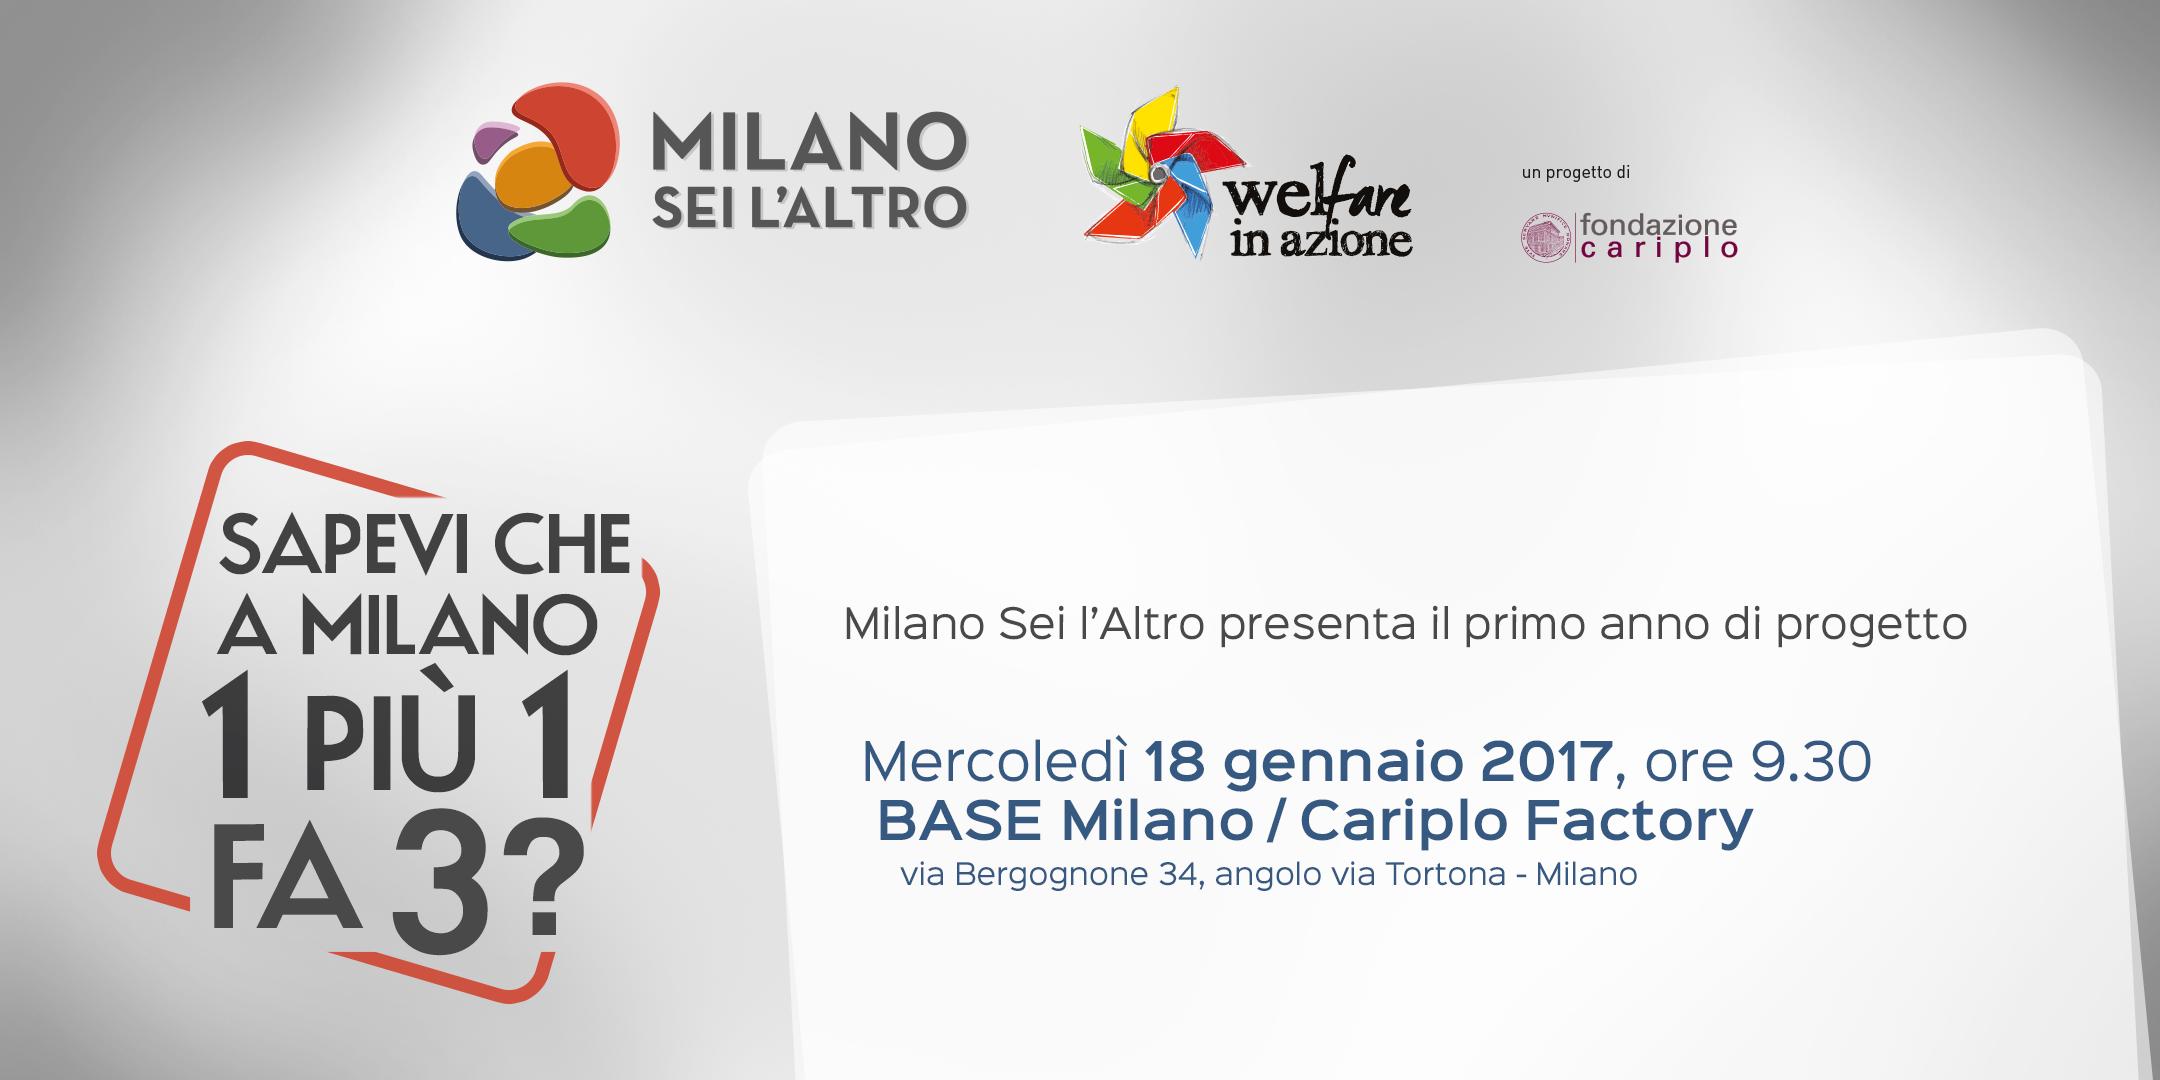 Milano Sei l'Altro presenta il primo anno di